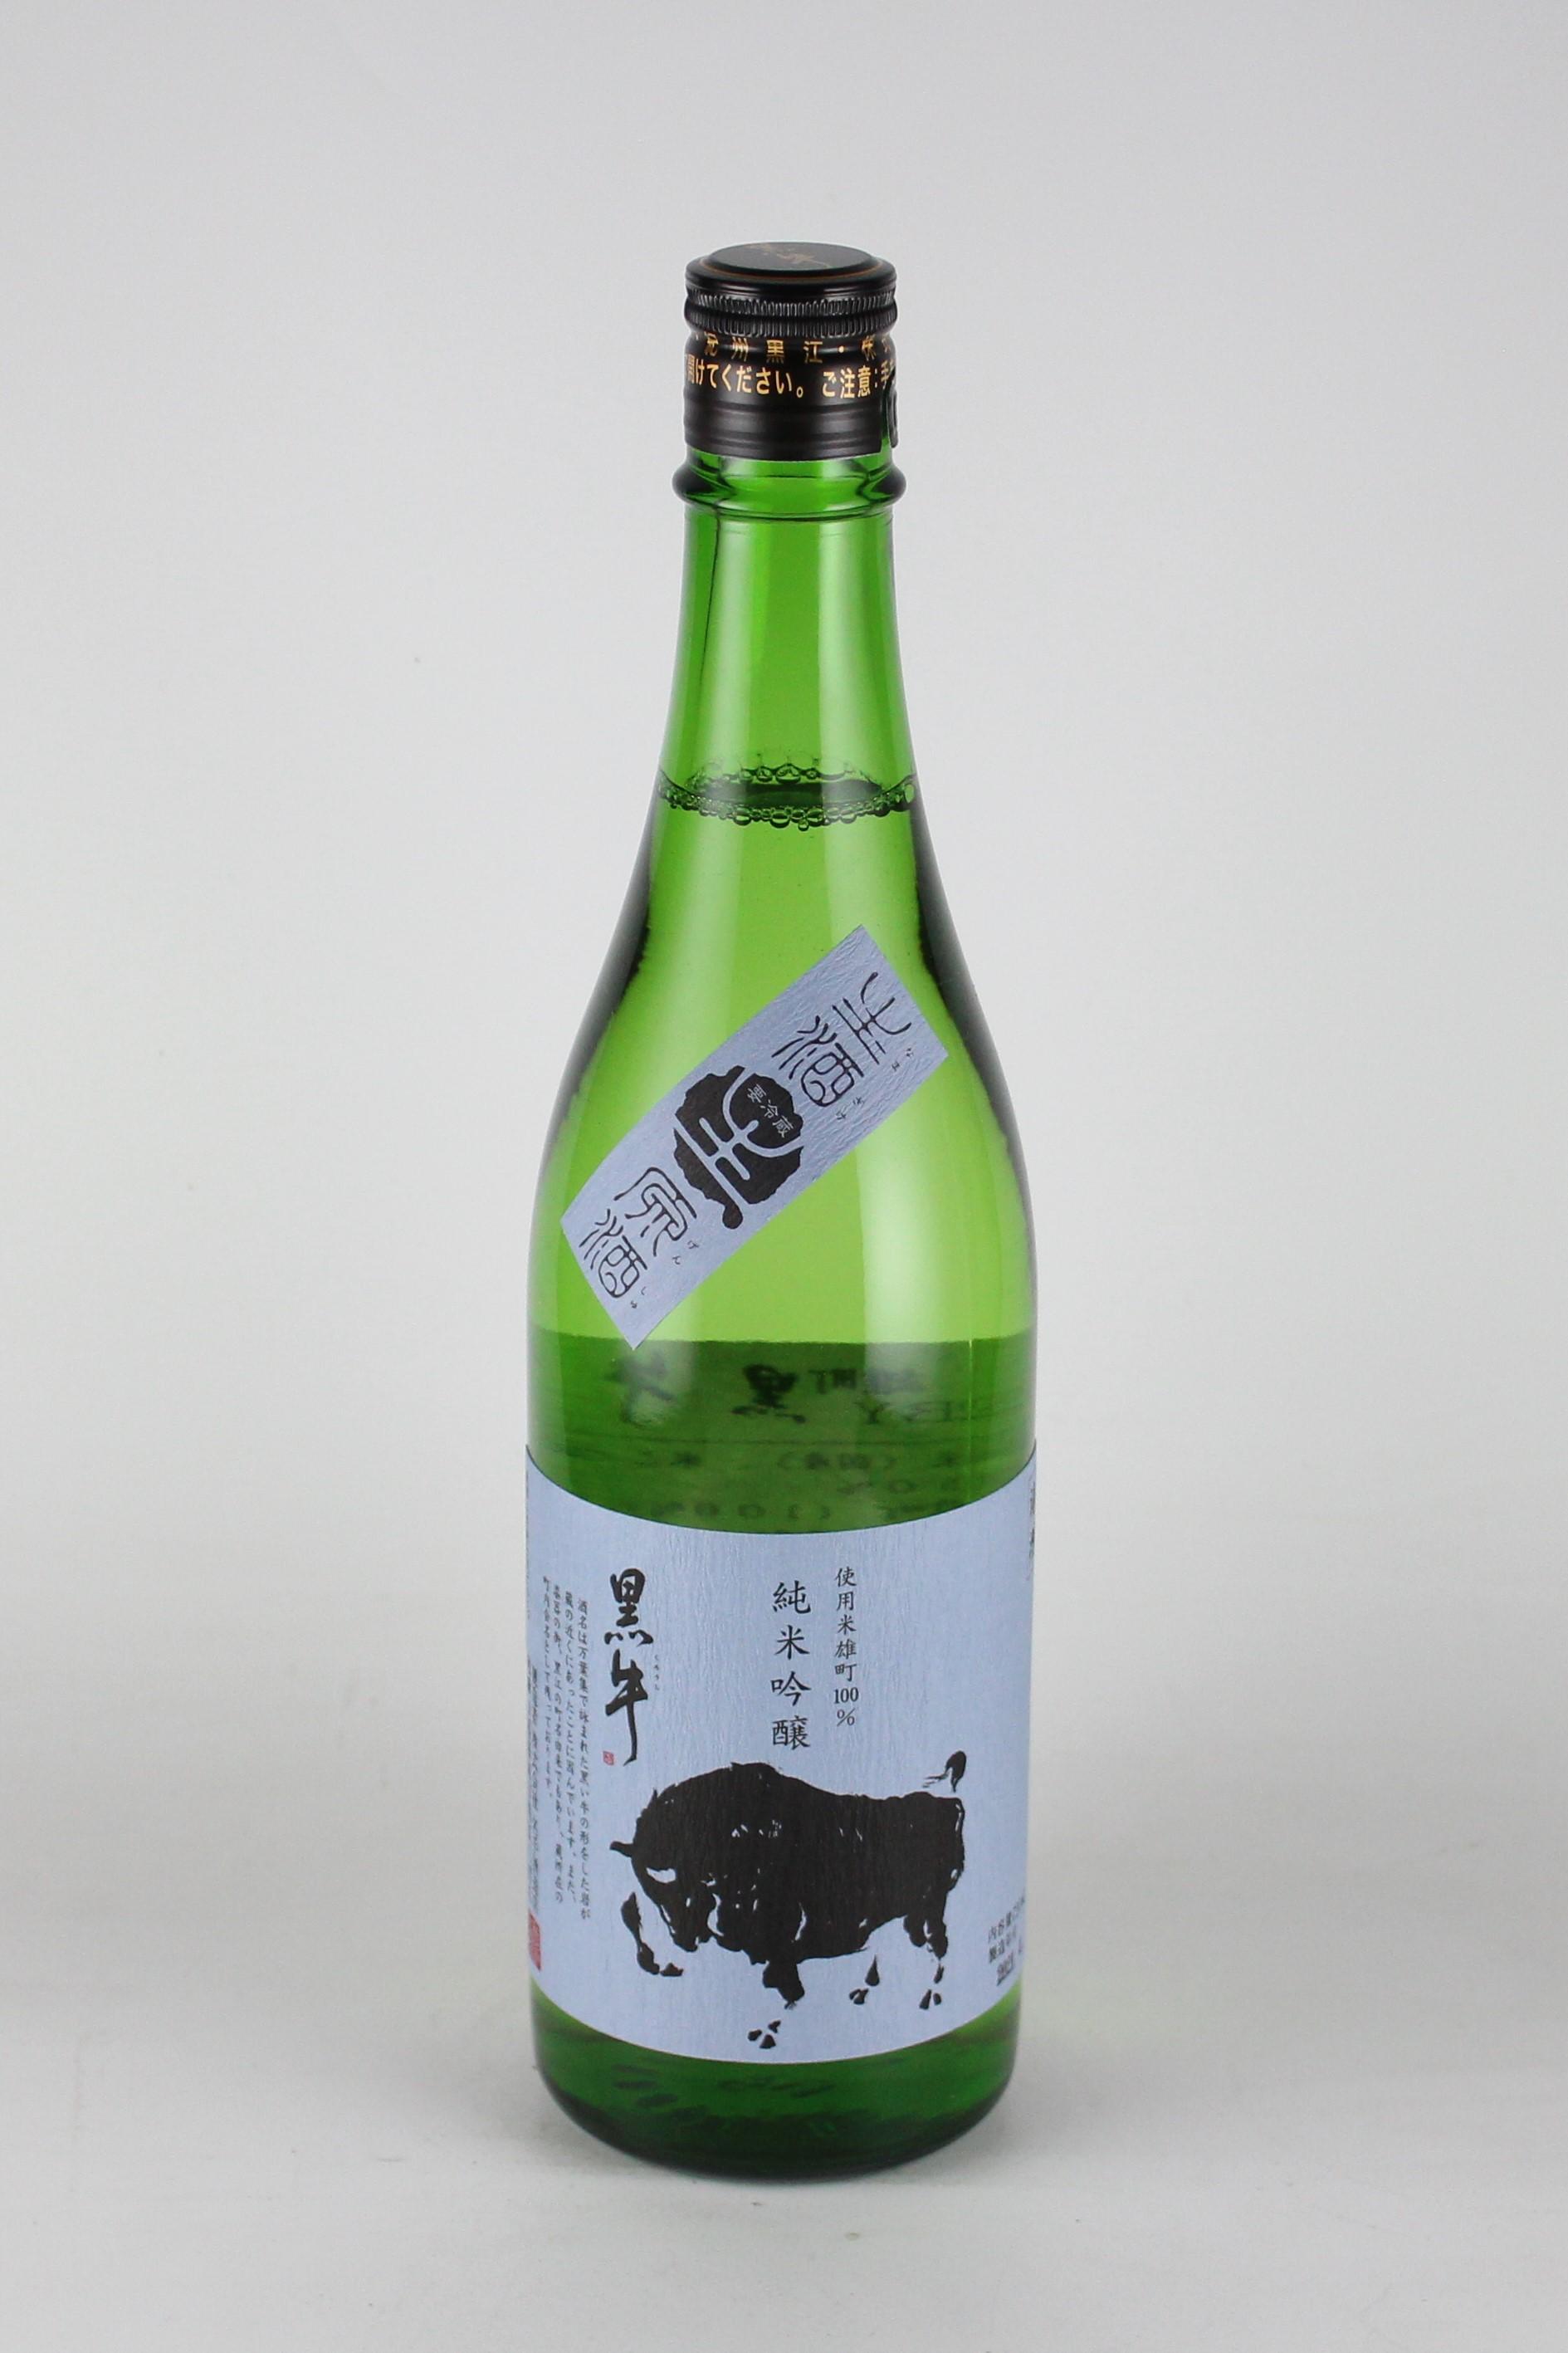 黒牛 純米吟醸無濾過生原酒 雄町50 720ml 【和歌山/名手酒造店】